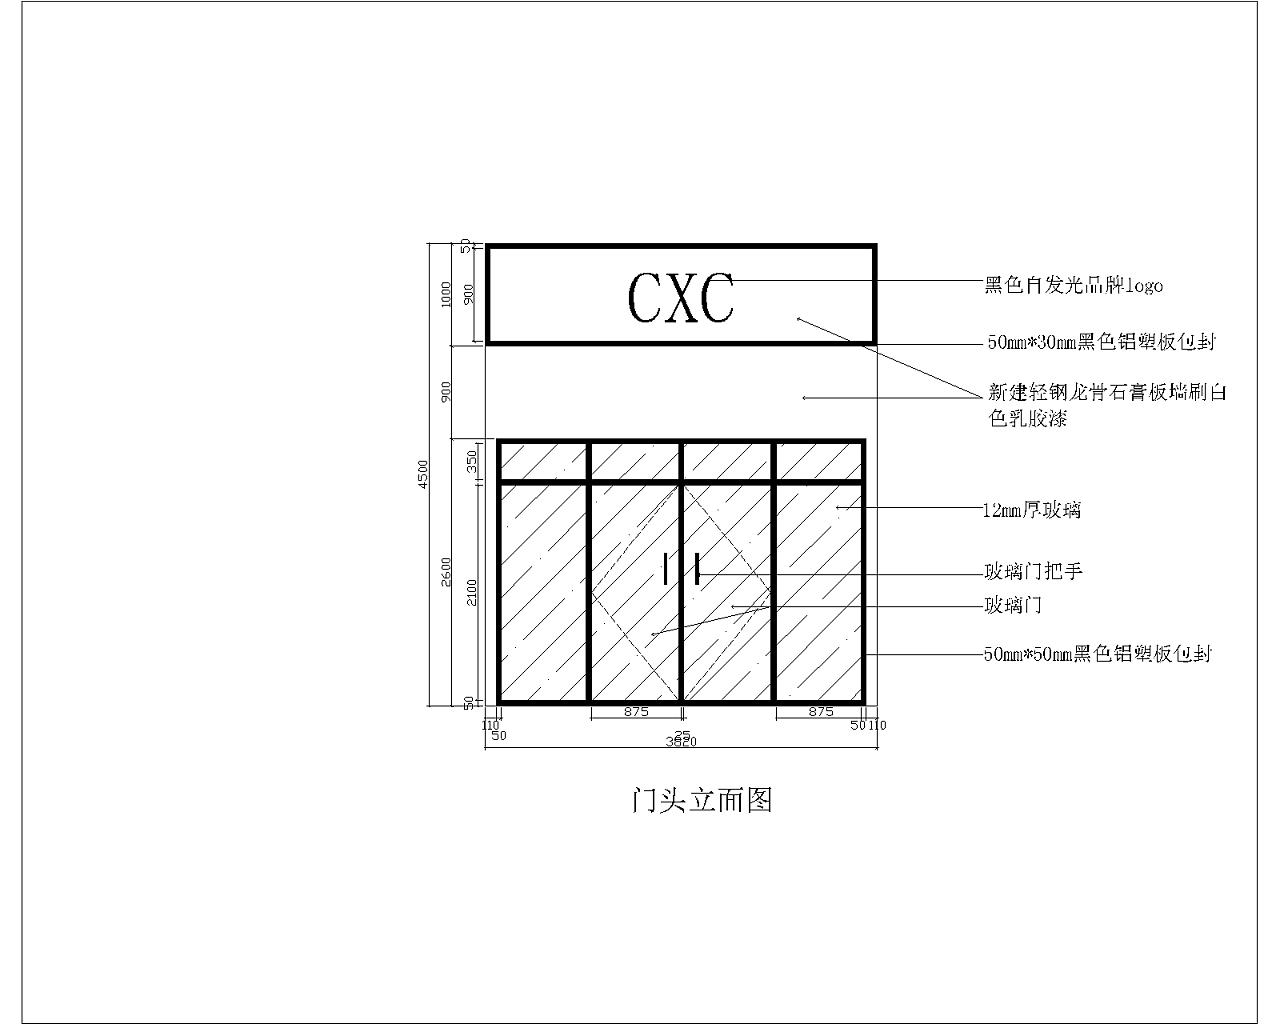 鞋店展示设计平面图